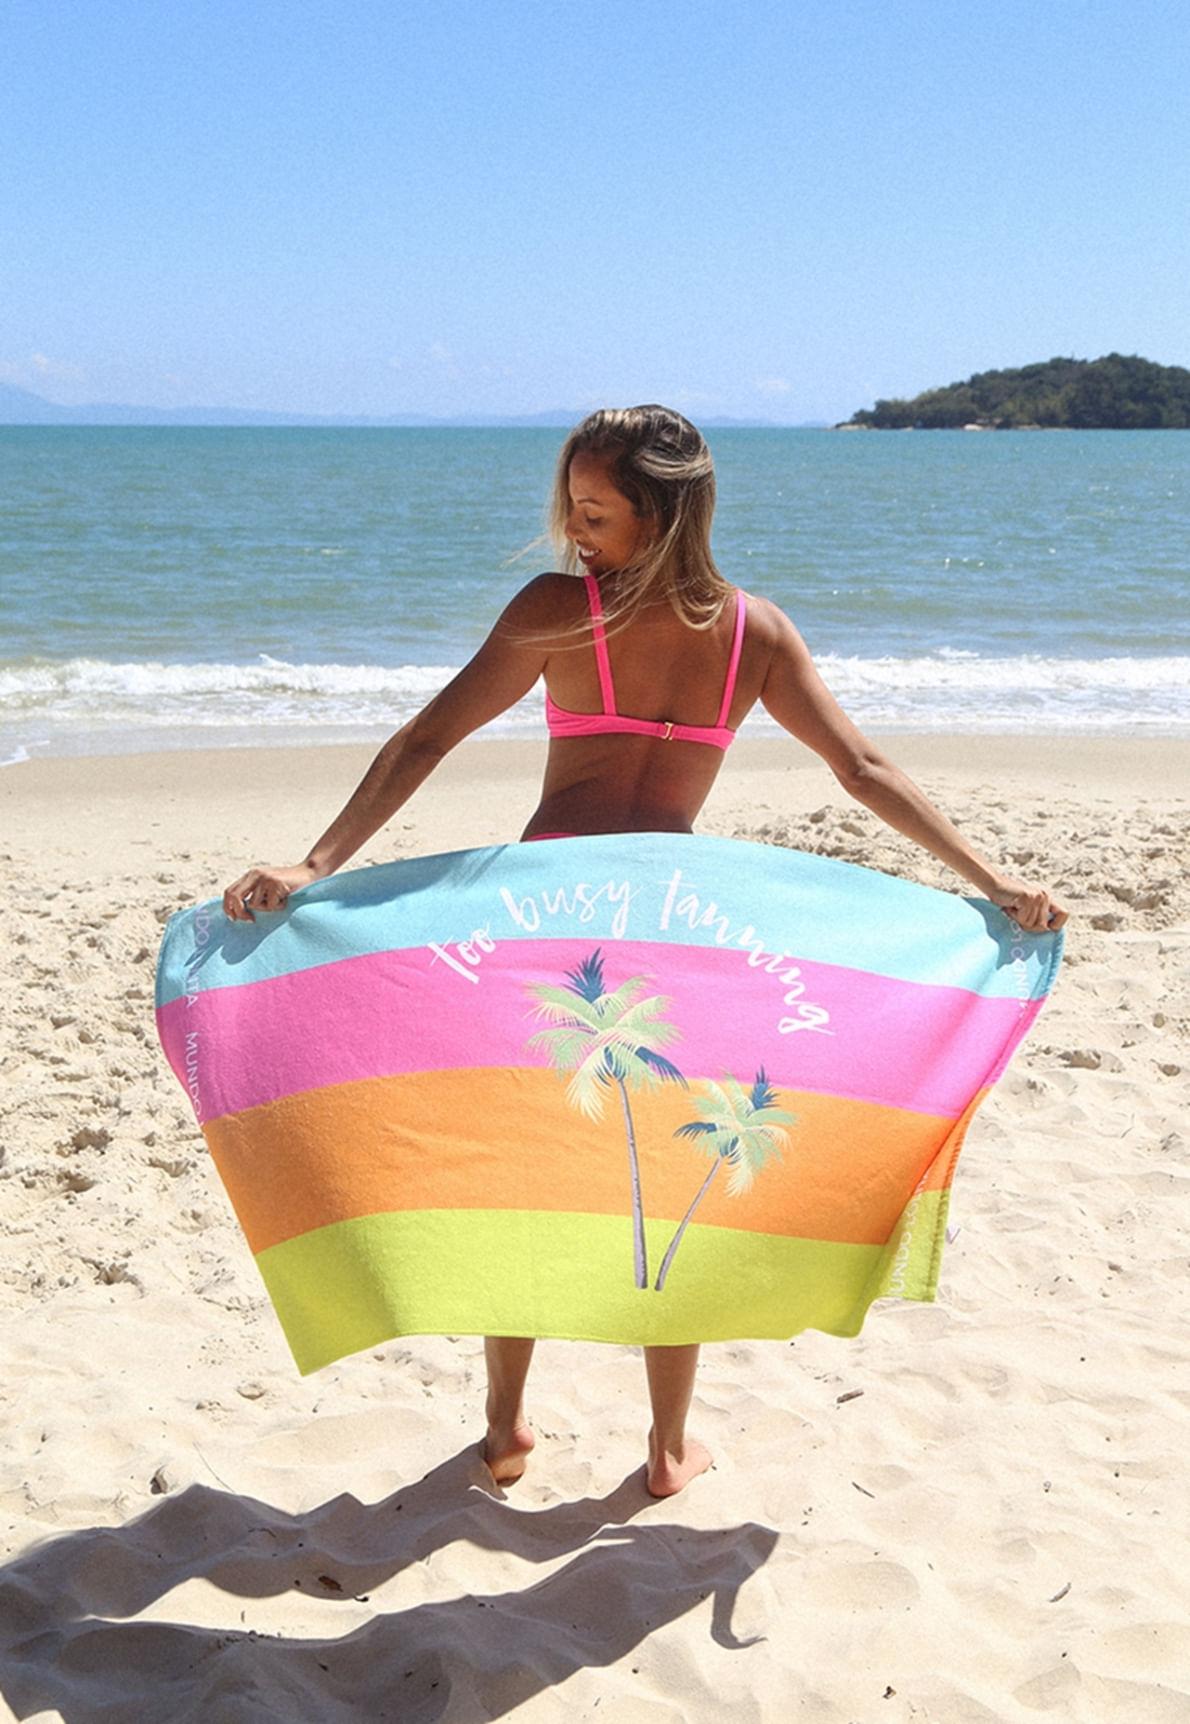 29905-toalha-de-praia-too-busy-tanning-01